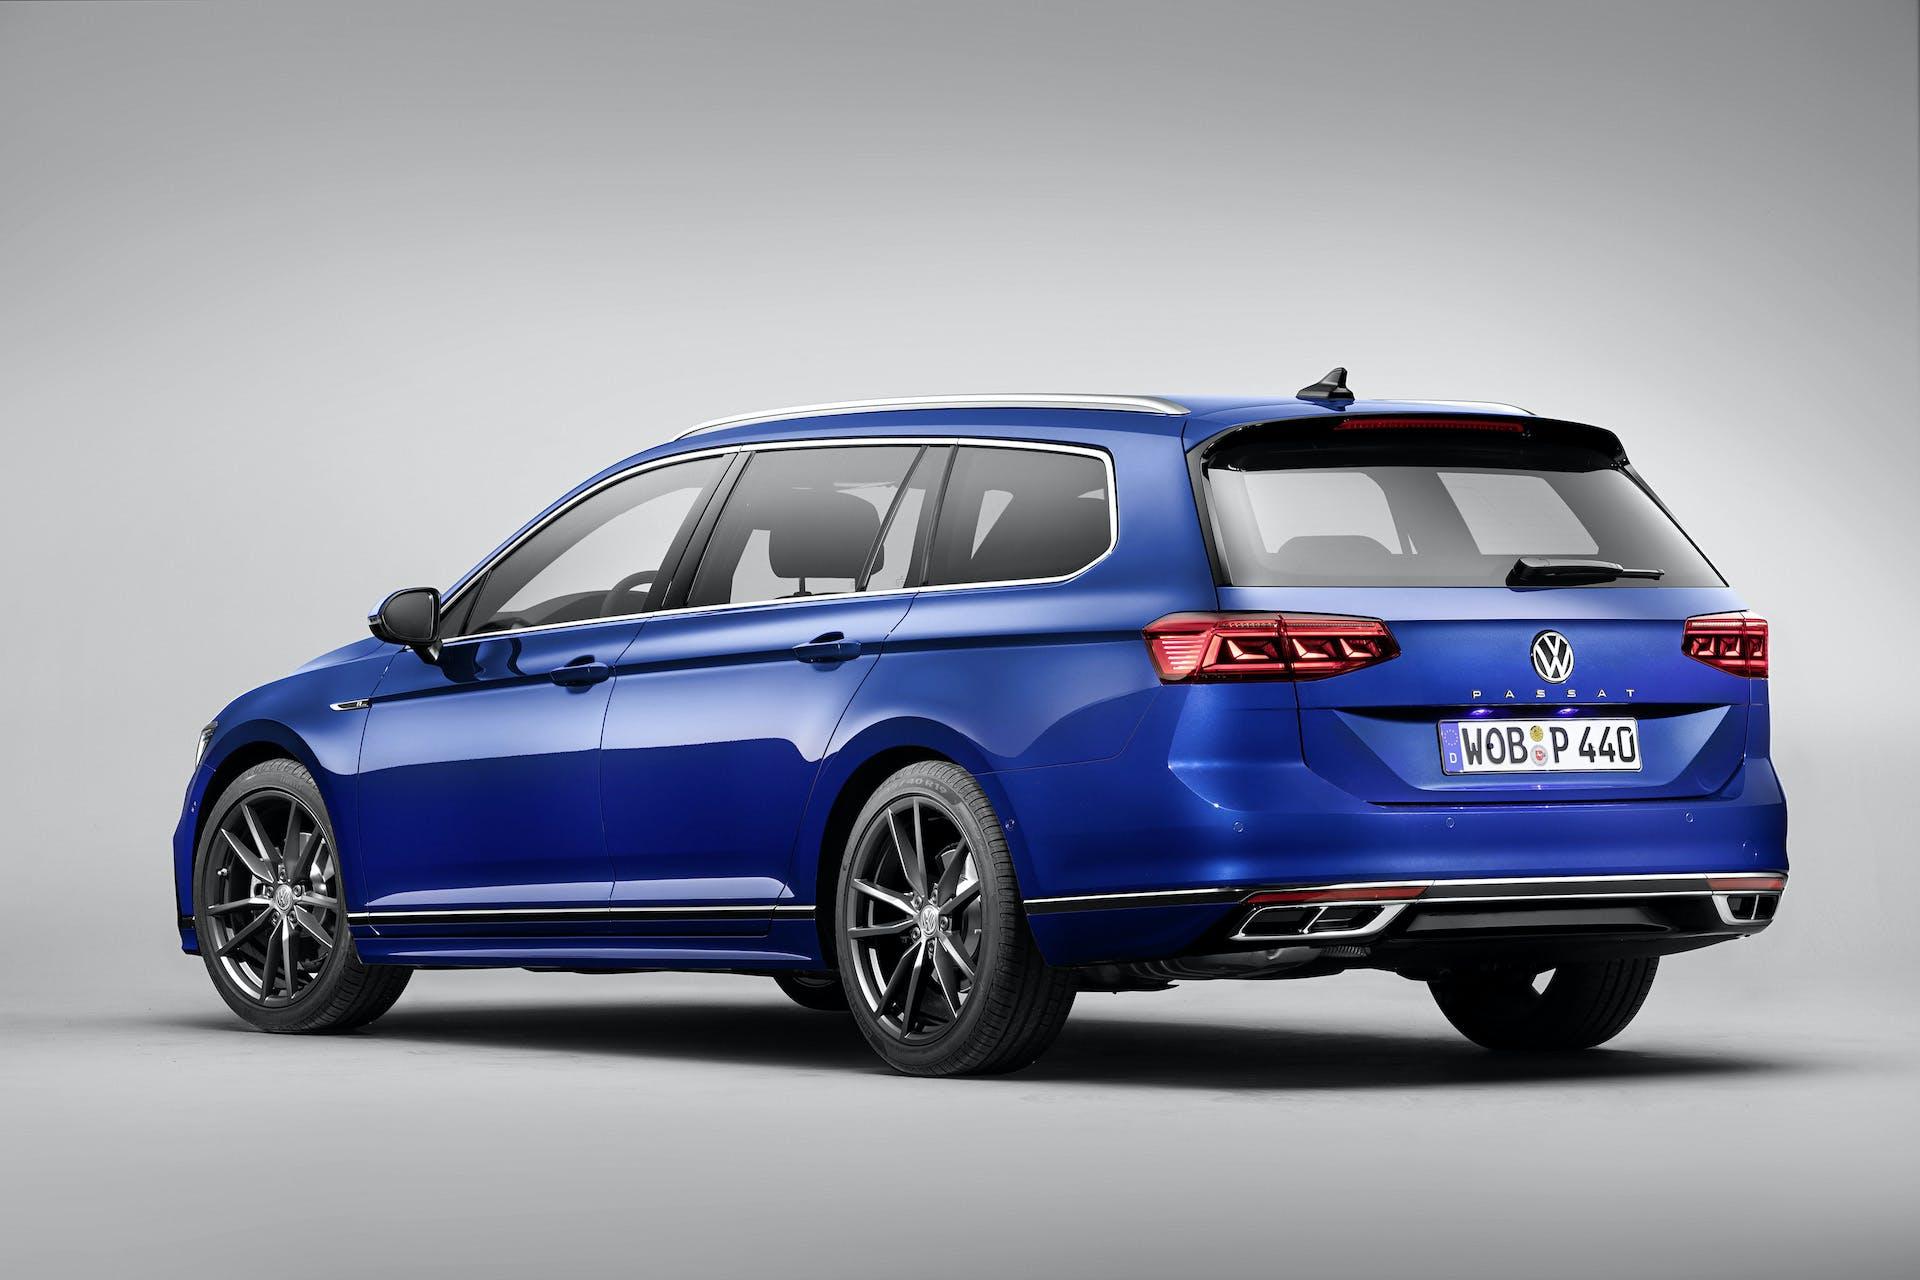 Volkswagen Passat 2019 blu 3/4 posteriore